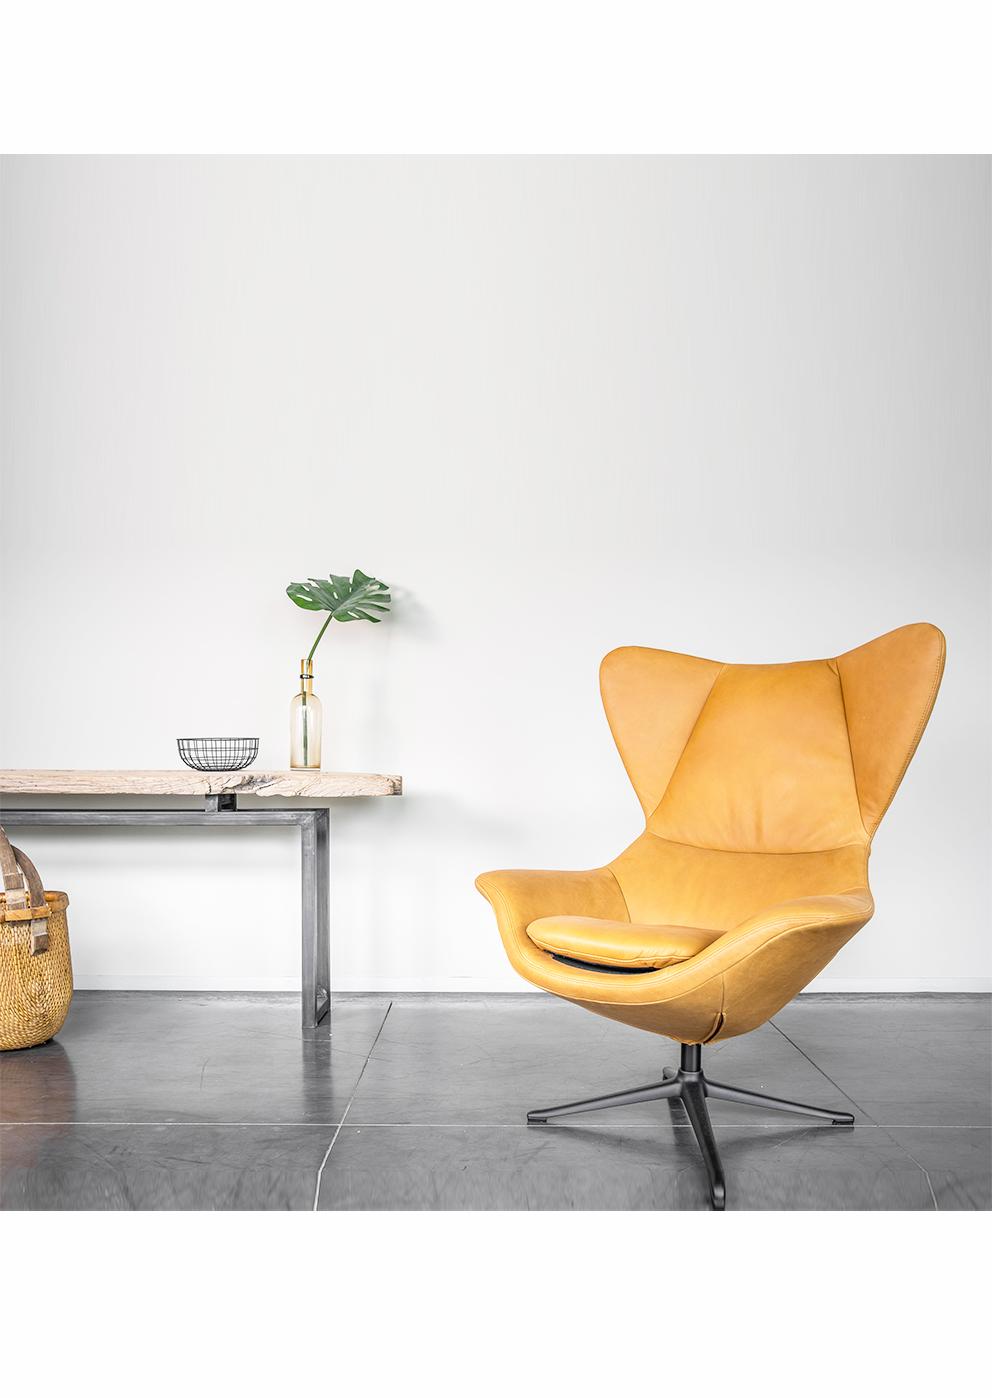 Fauteuil Met Oortjes.Evolution Design Meubelen Aalto Fauteuil Design Meubelen Van Nu